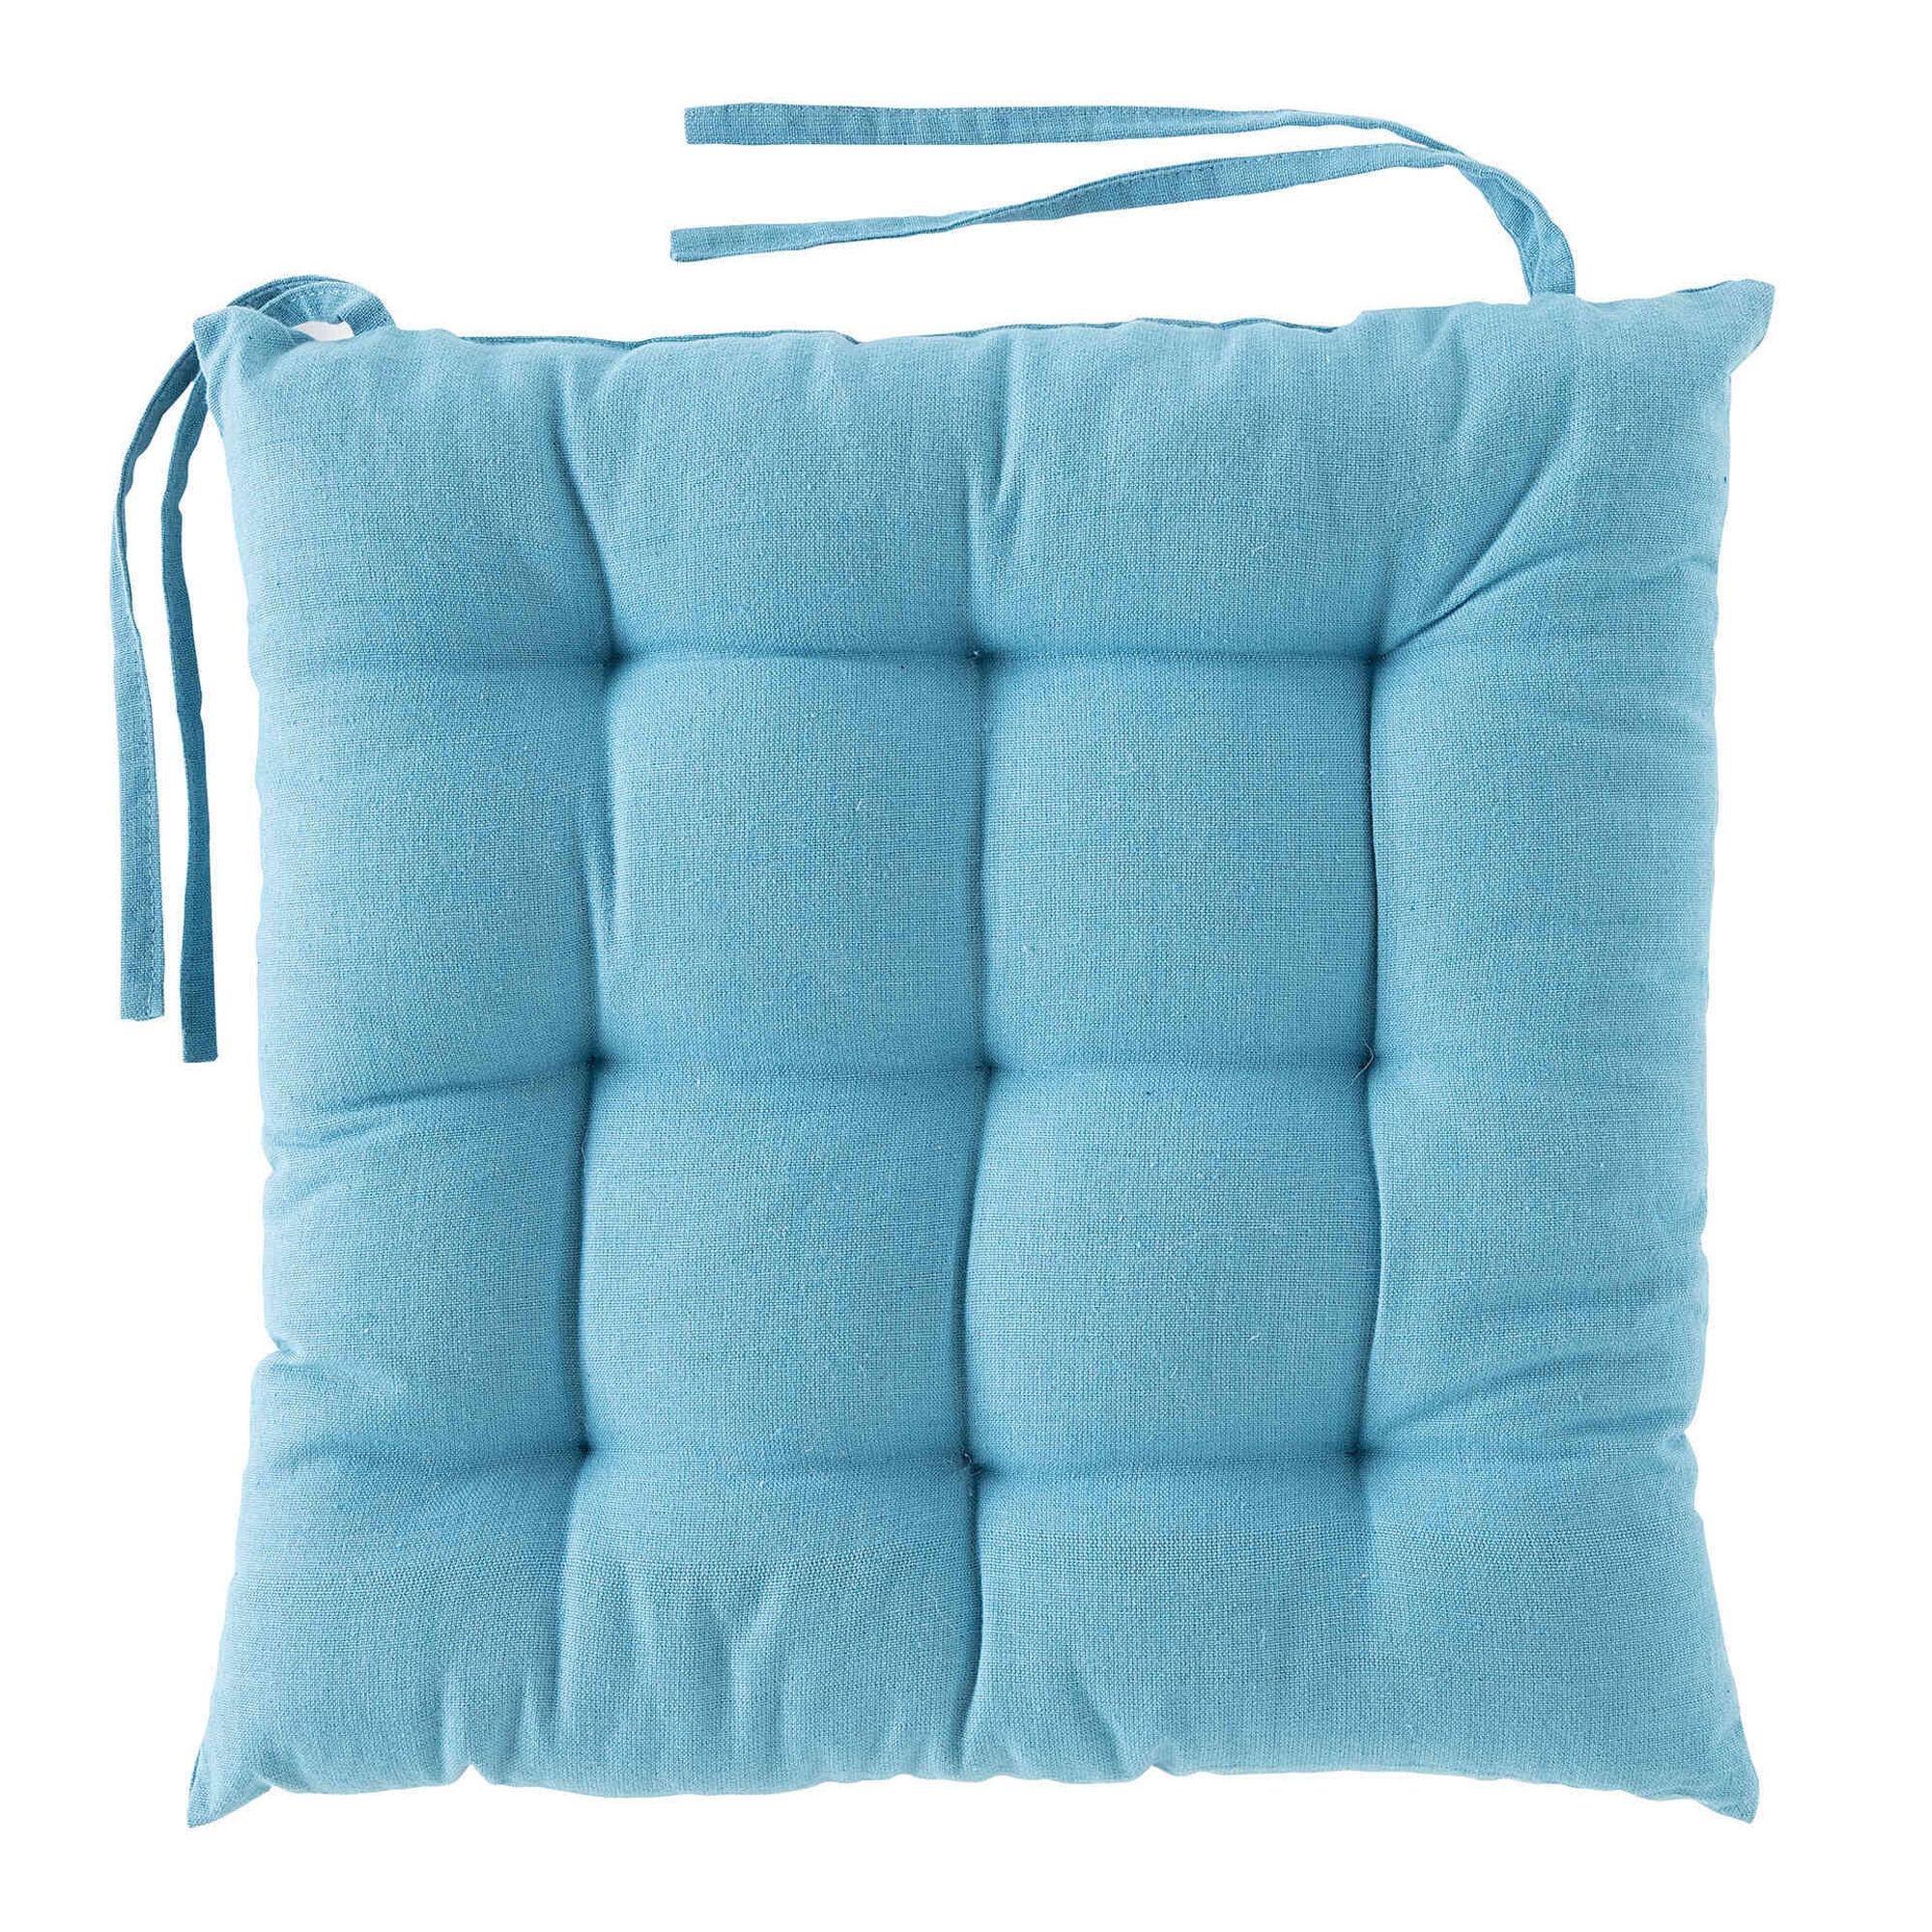 Coxim 40x40cm Azul